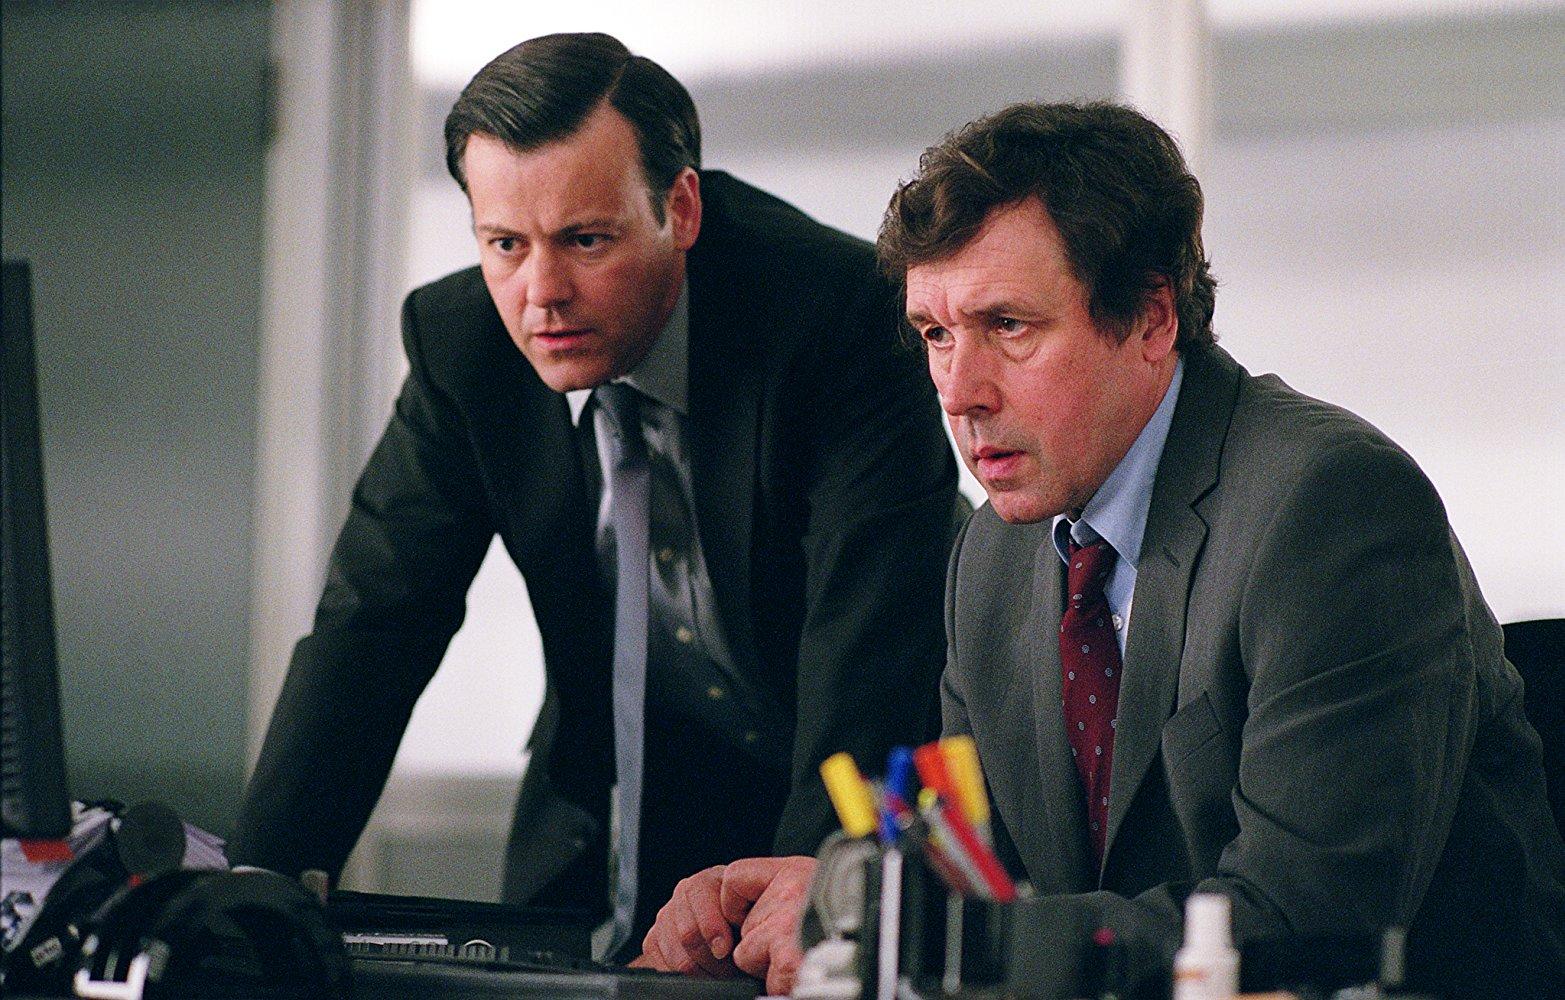 Rupert Graves és Stephen Rea a V mint Vérbosszú c. filmben. Érdekesség, hogy Rupert Graves nem sokkal később a Sherlock egyik epizódjában is látta felrobbanni a parlamentet, hiszen a Sherlockban is szerepel.